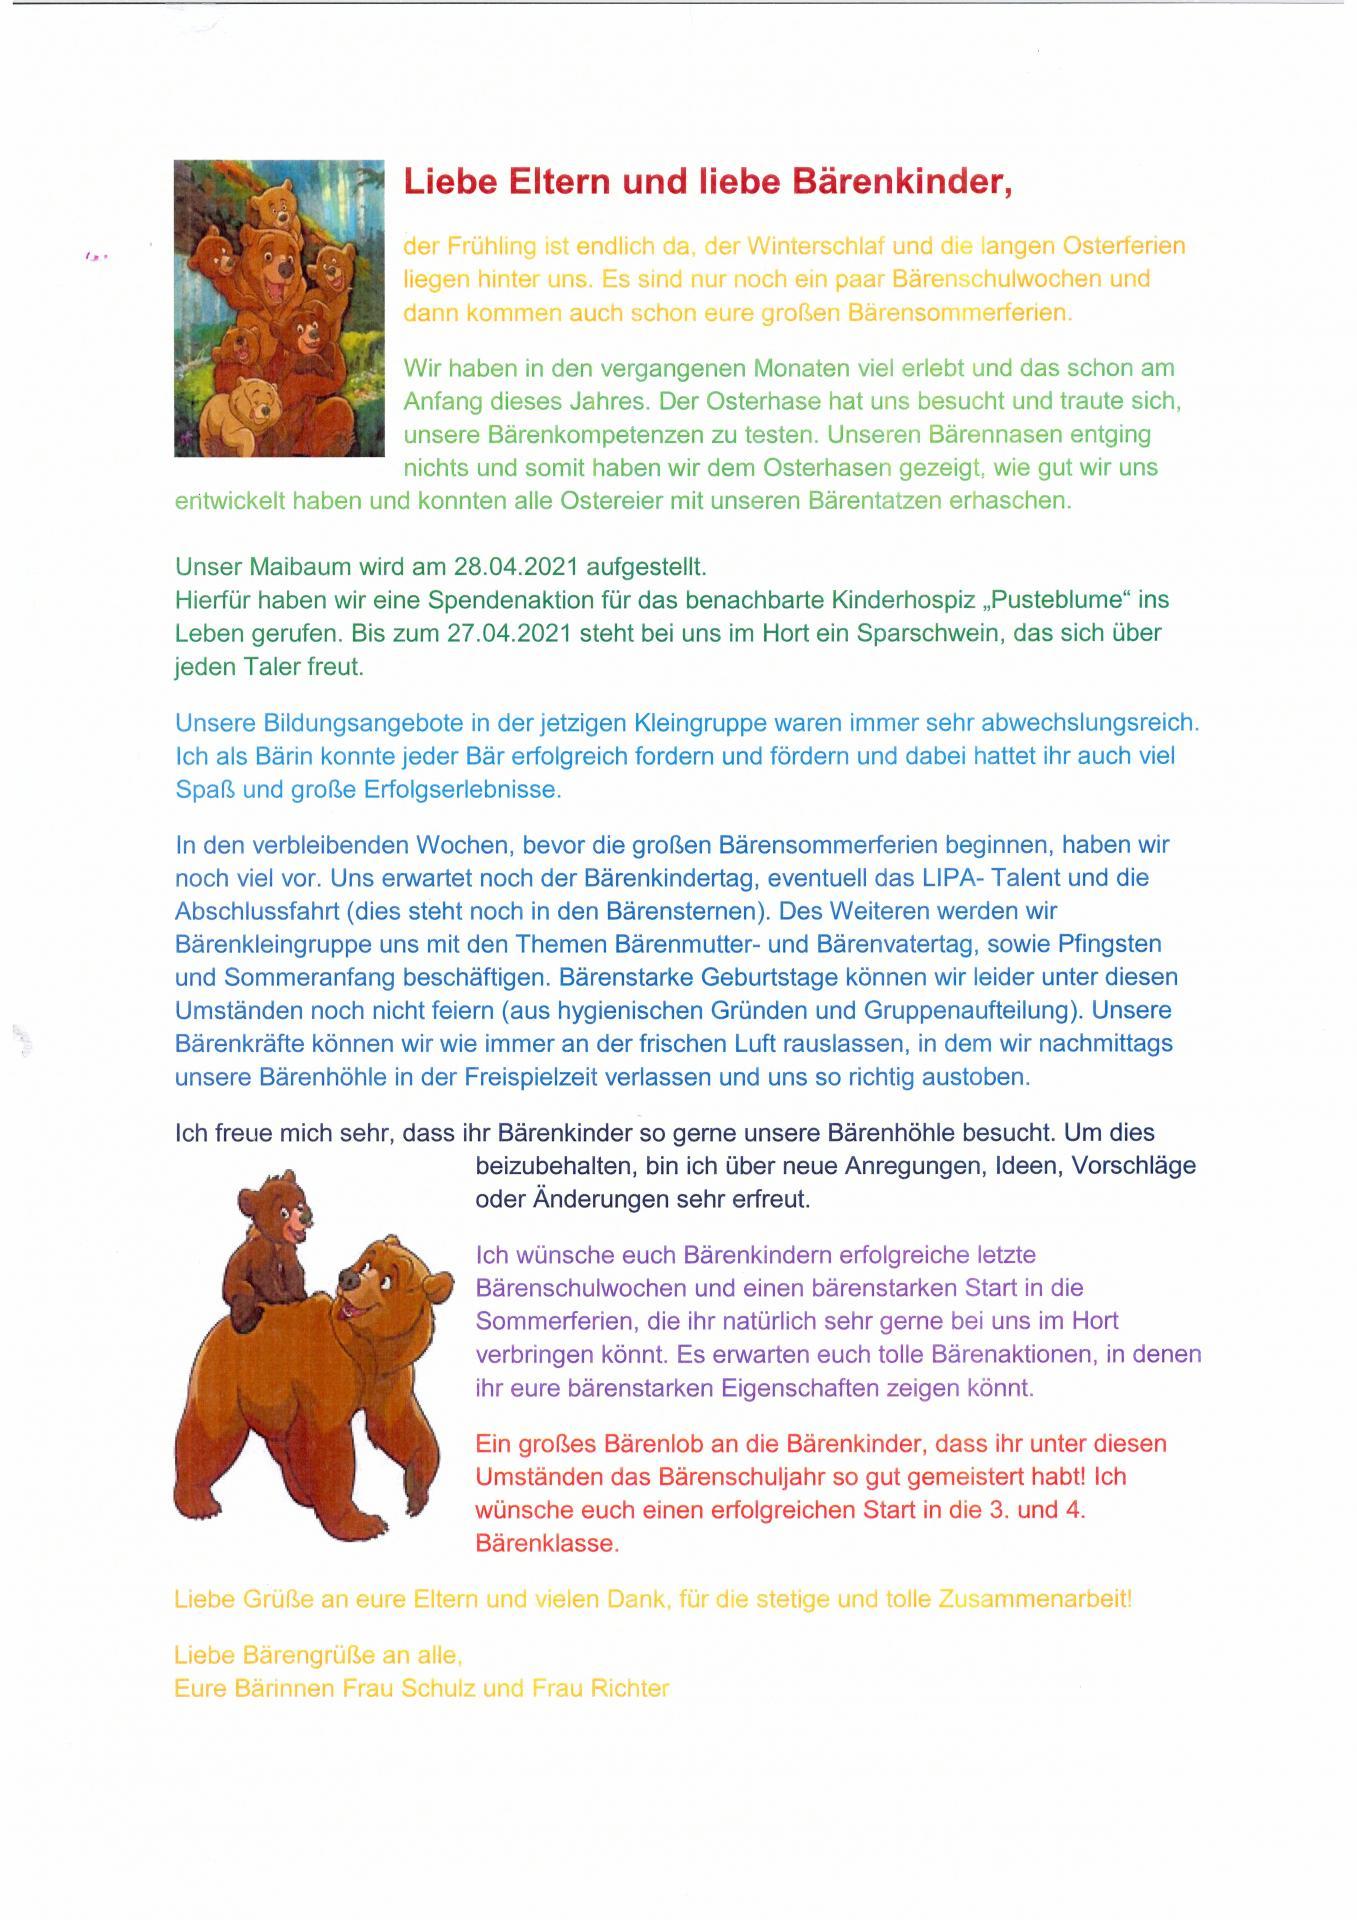 lipablatt bären april_0001